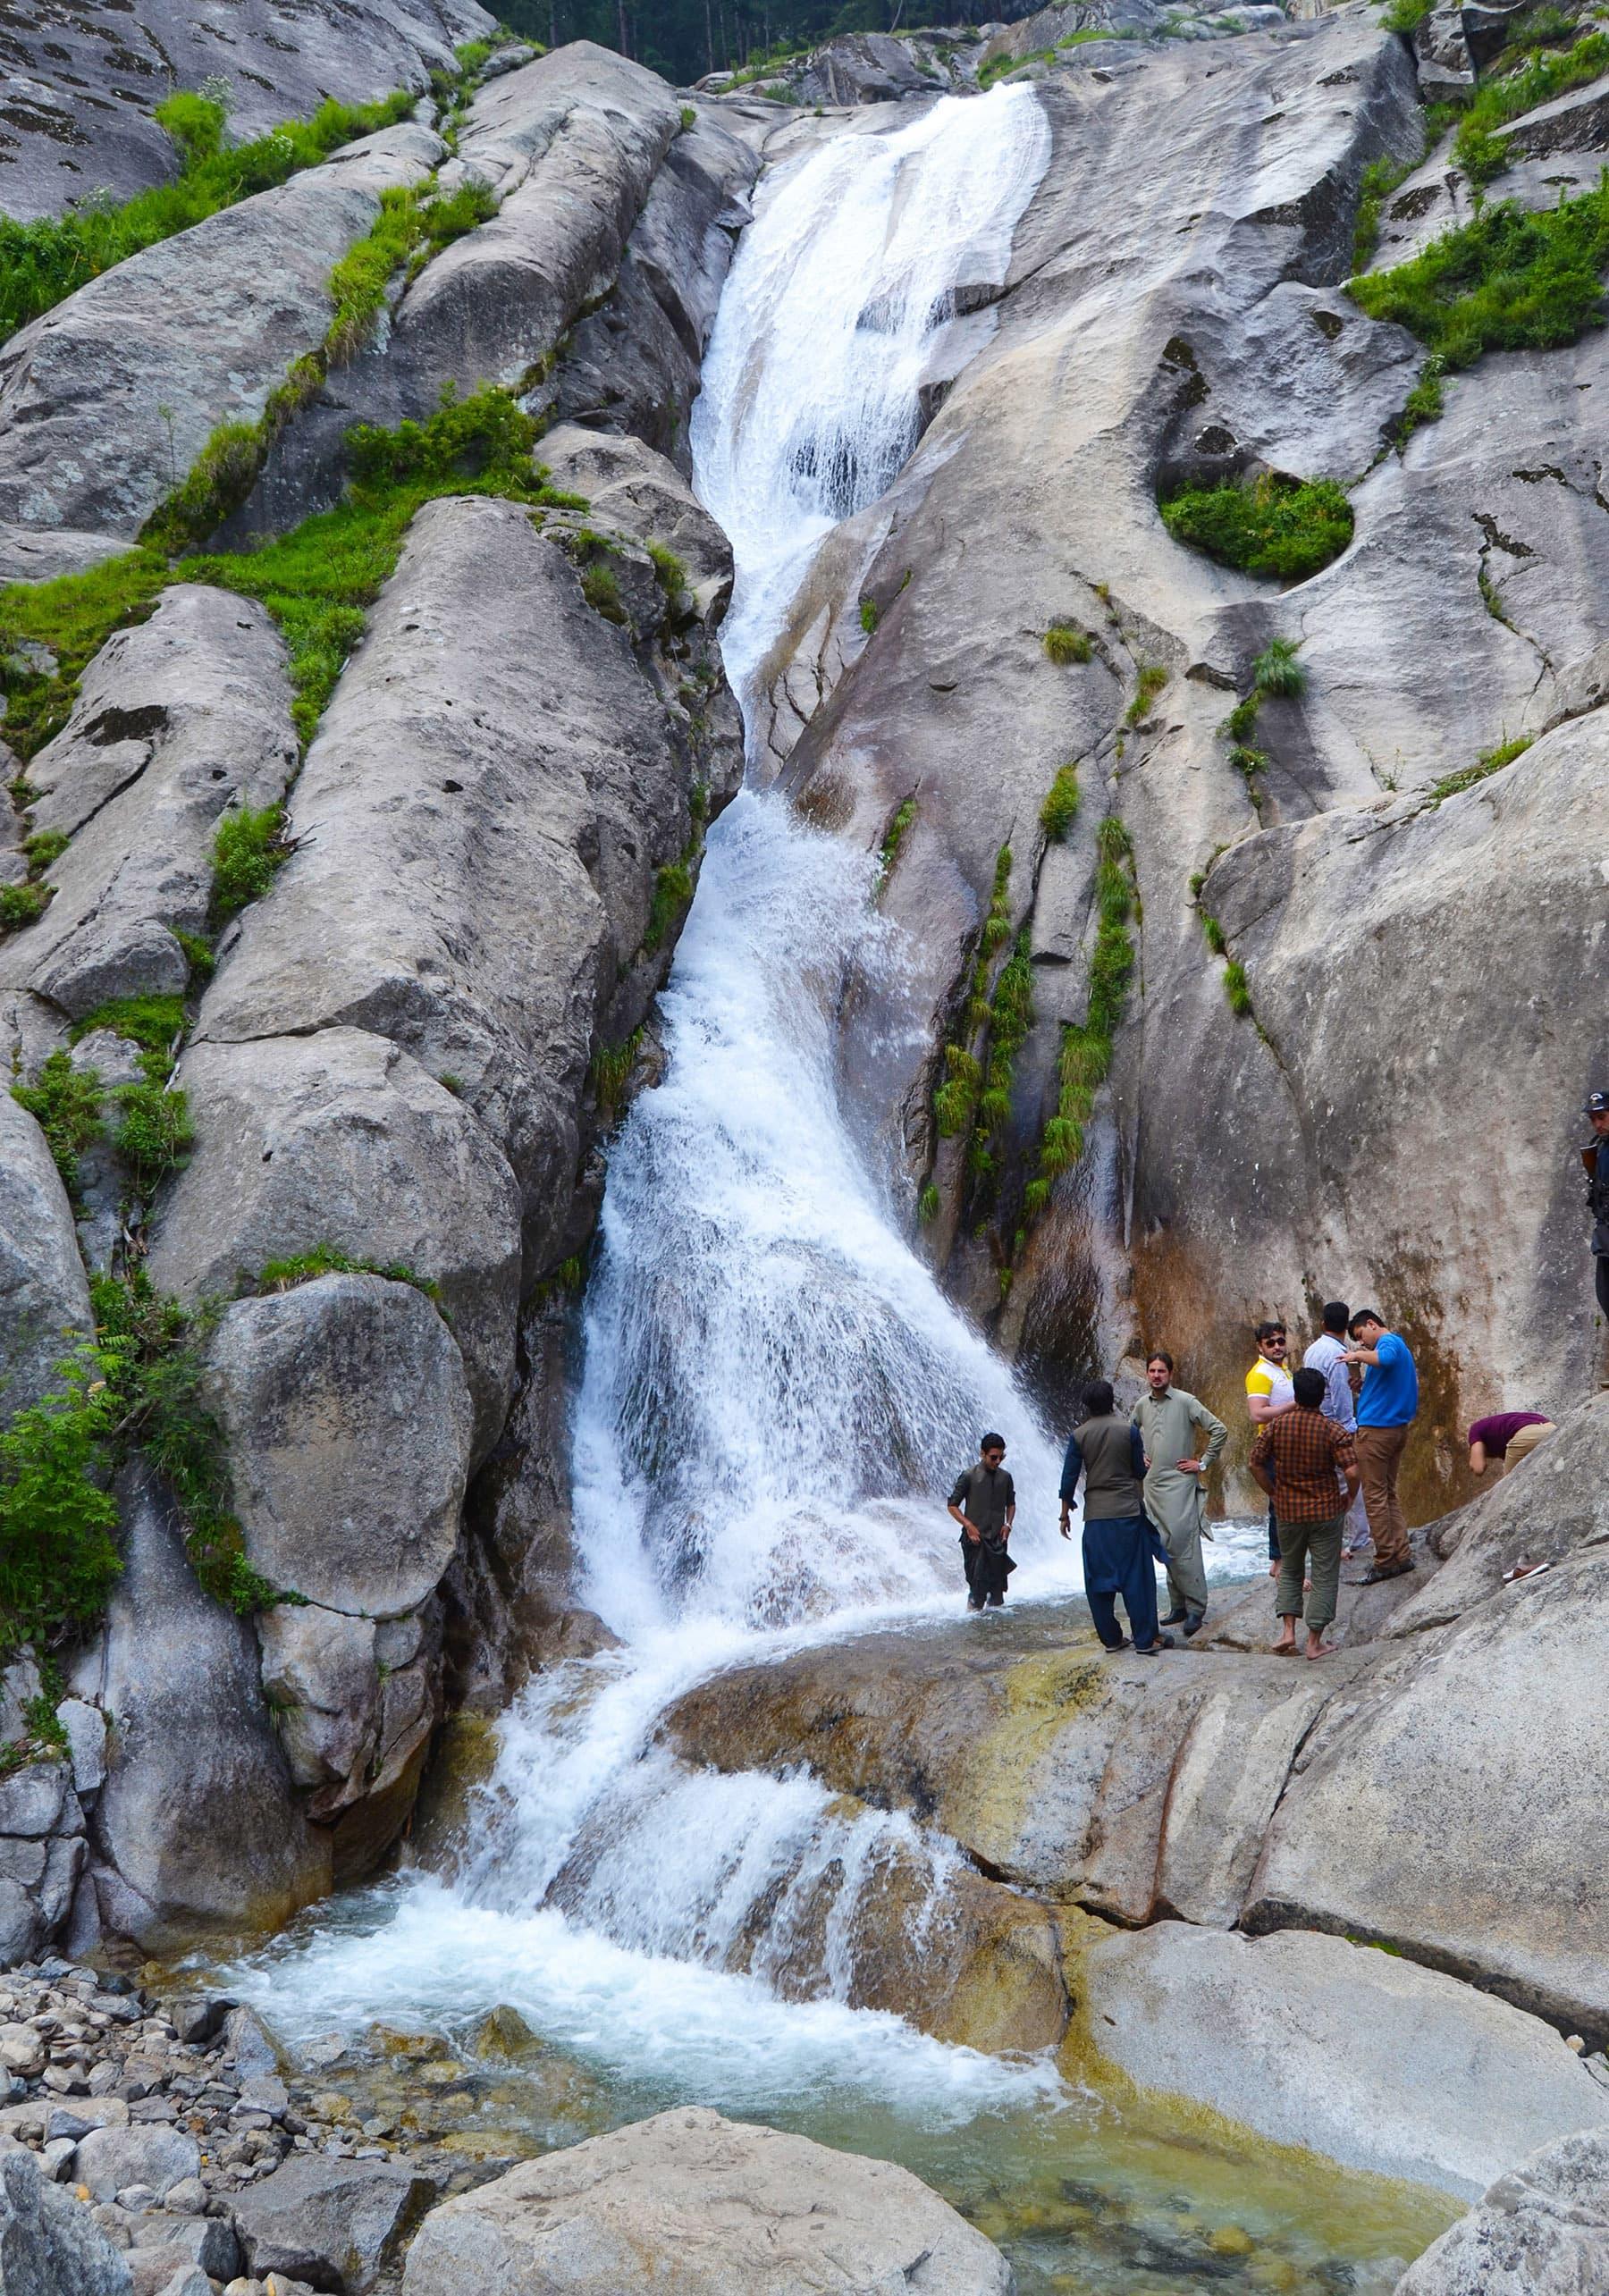 اس آبشار کی بلندی تقریباً 100 سے 120 فٹ تک ہے—عظمت اکبر